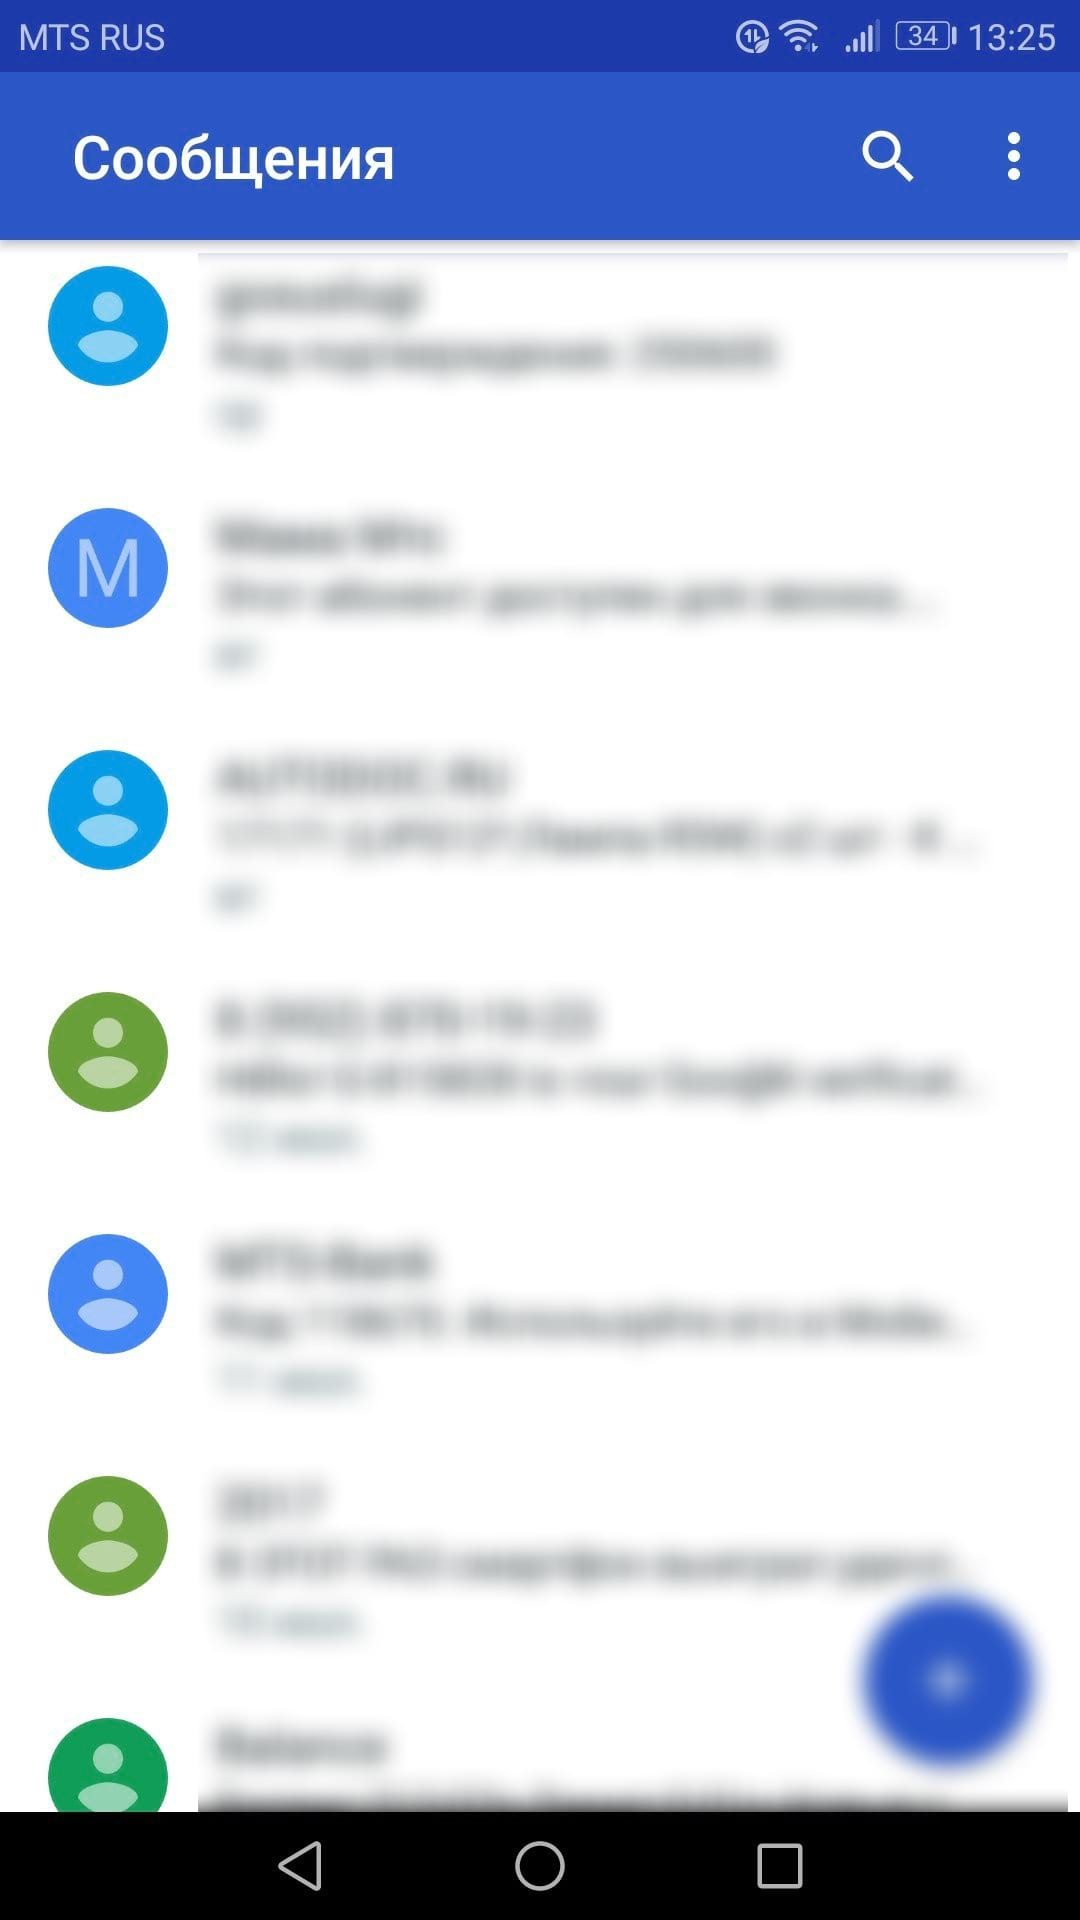 лучшие приложения для знакомств android 2017